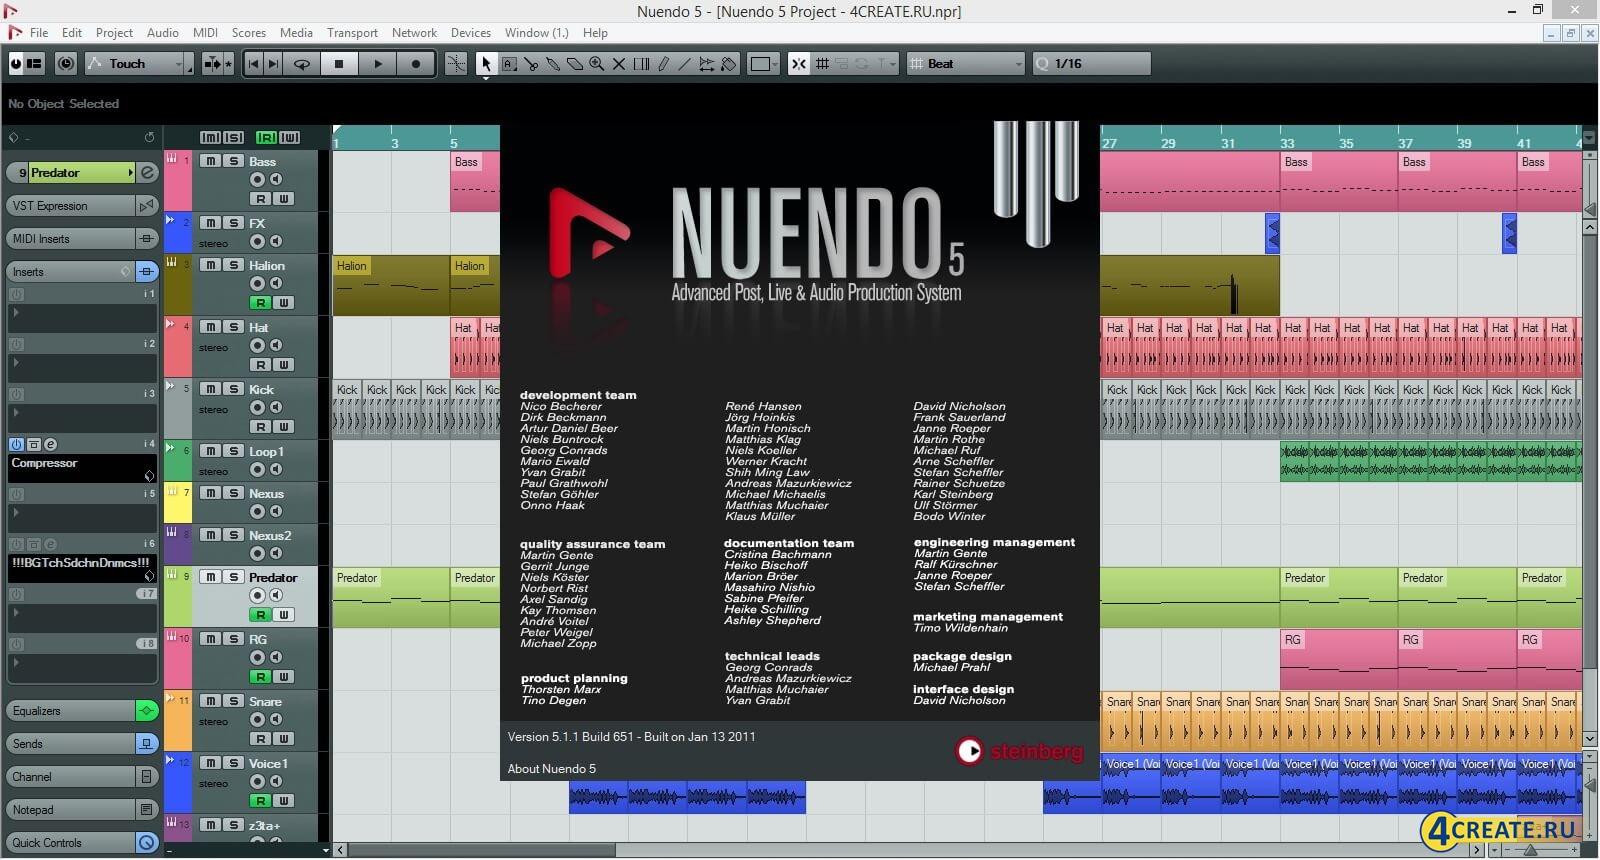 Nuendo 5 (Скриншот 1)